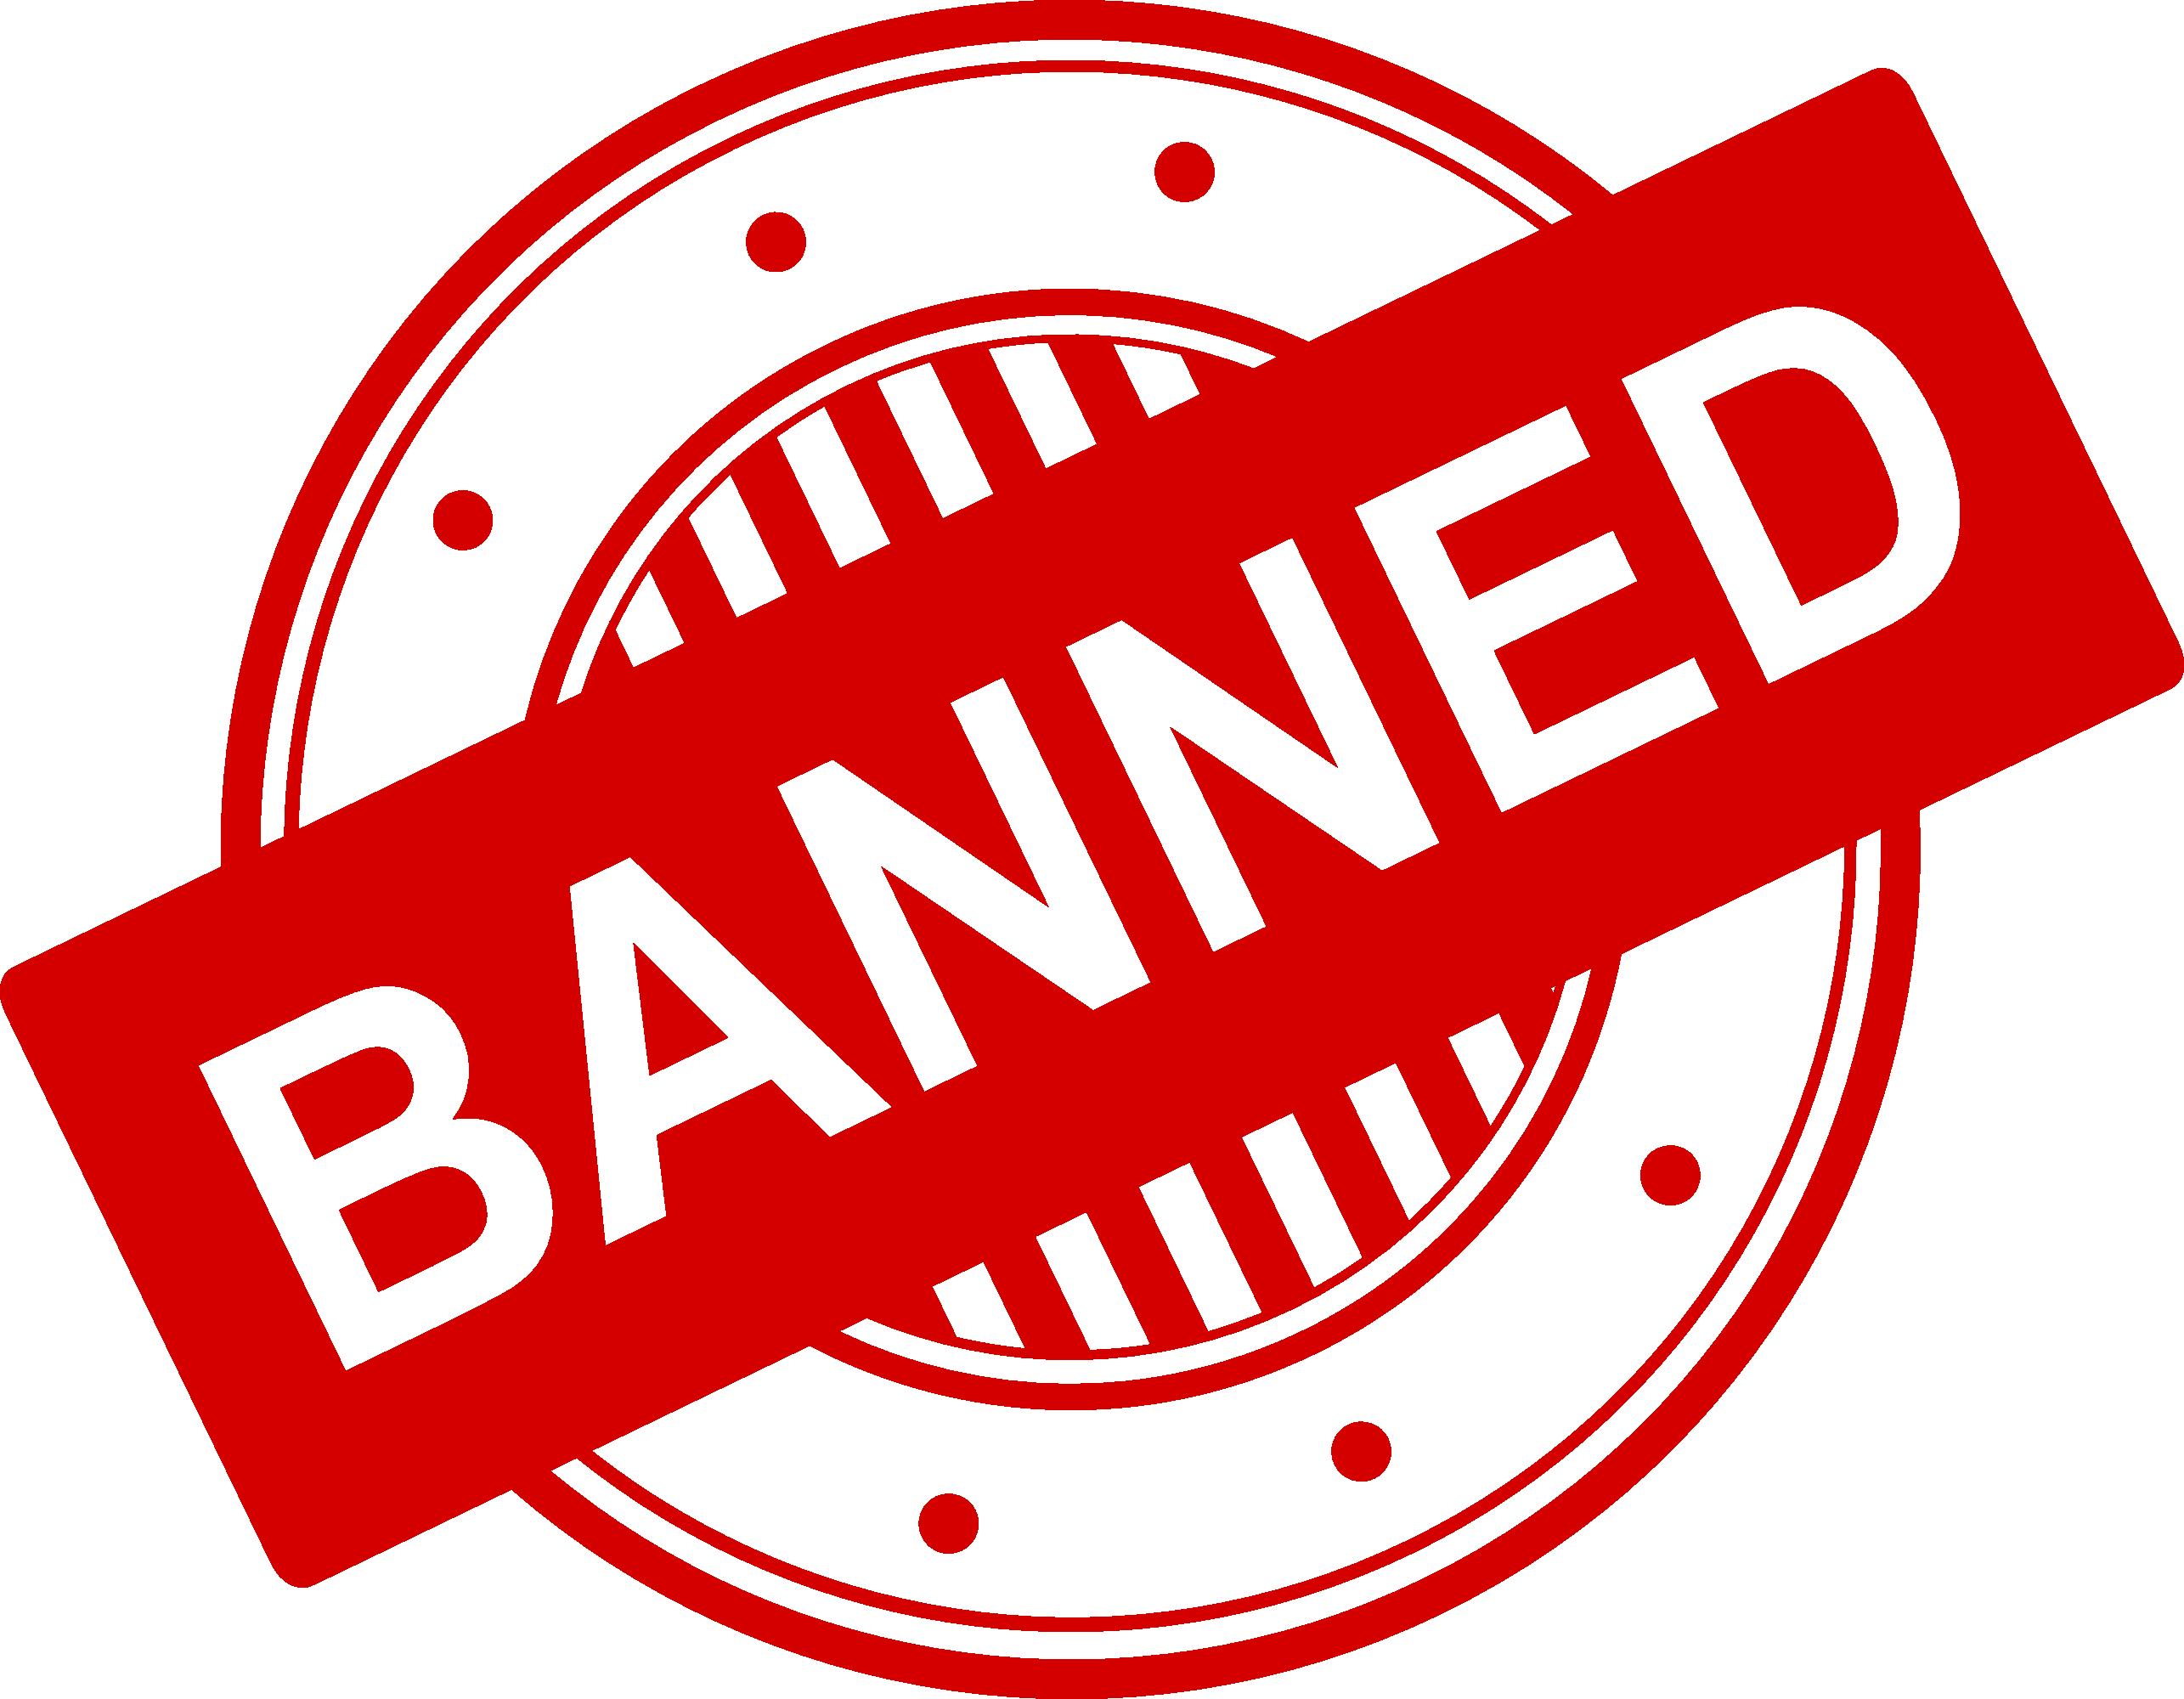 4 Banned Stamp Vector (PNG Transparent, SVG).